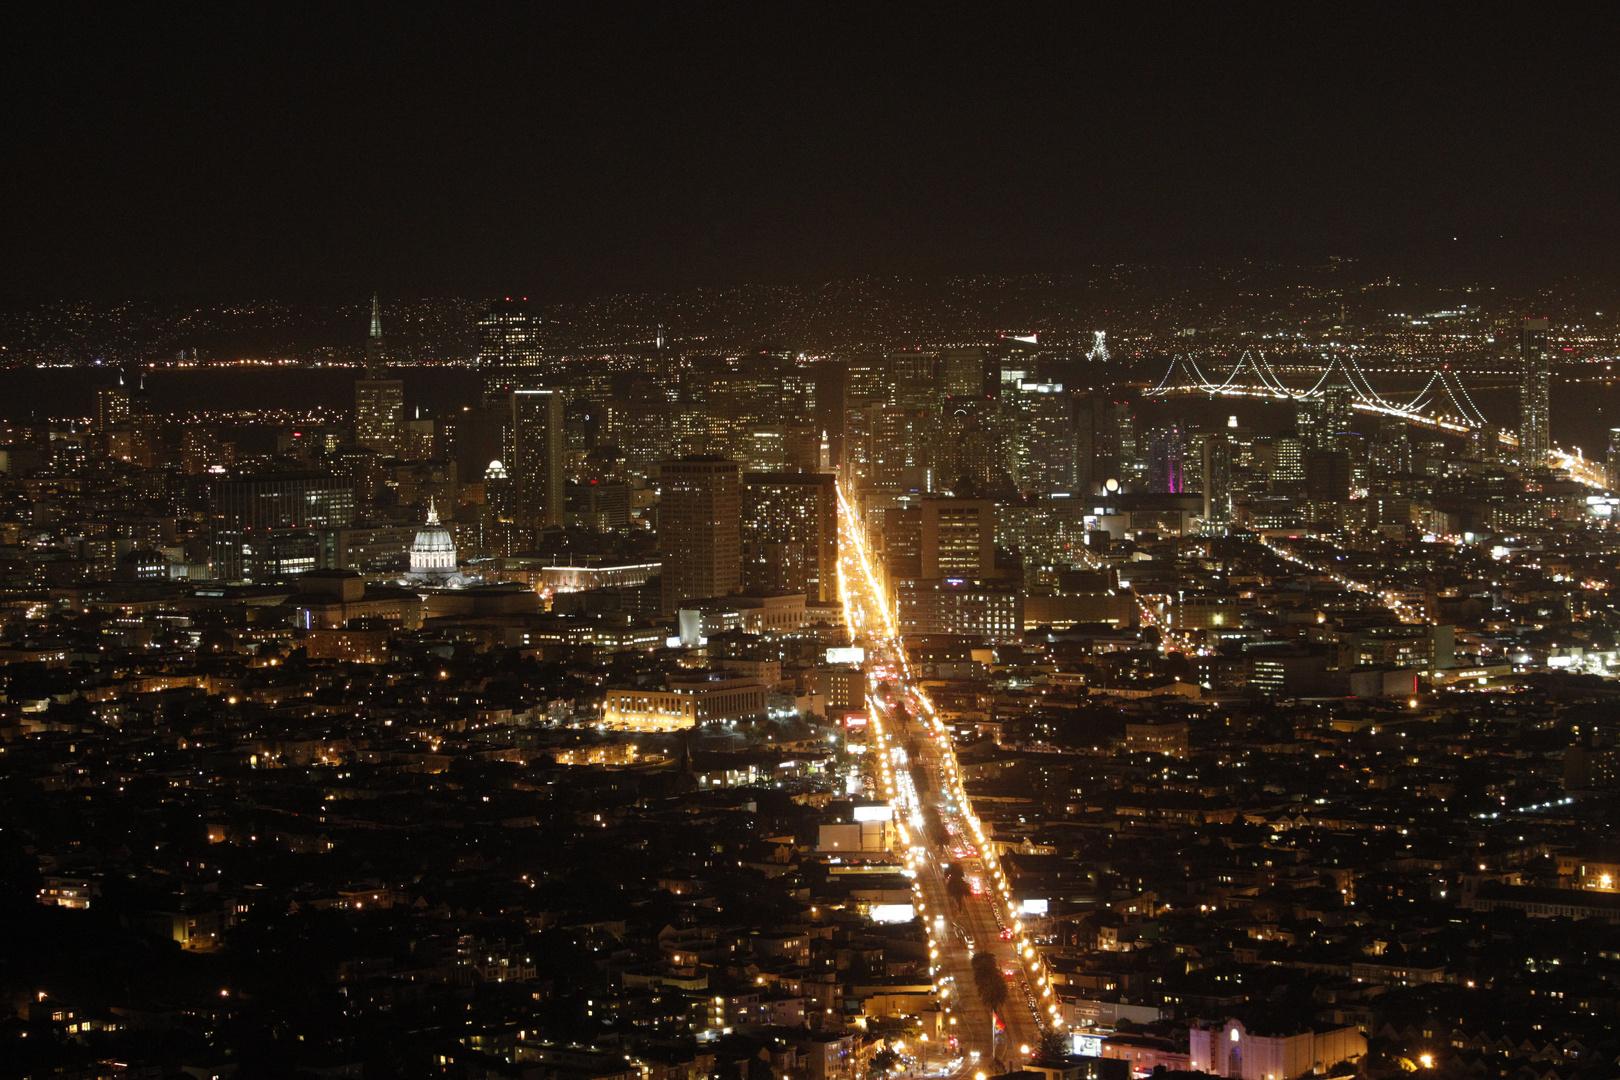 Downtown San Francisco, Oakland Bay Bridge